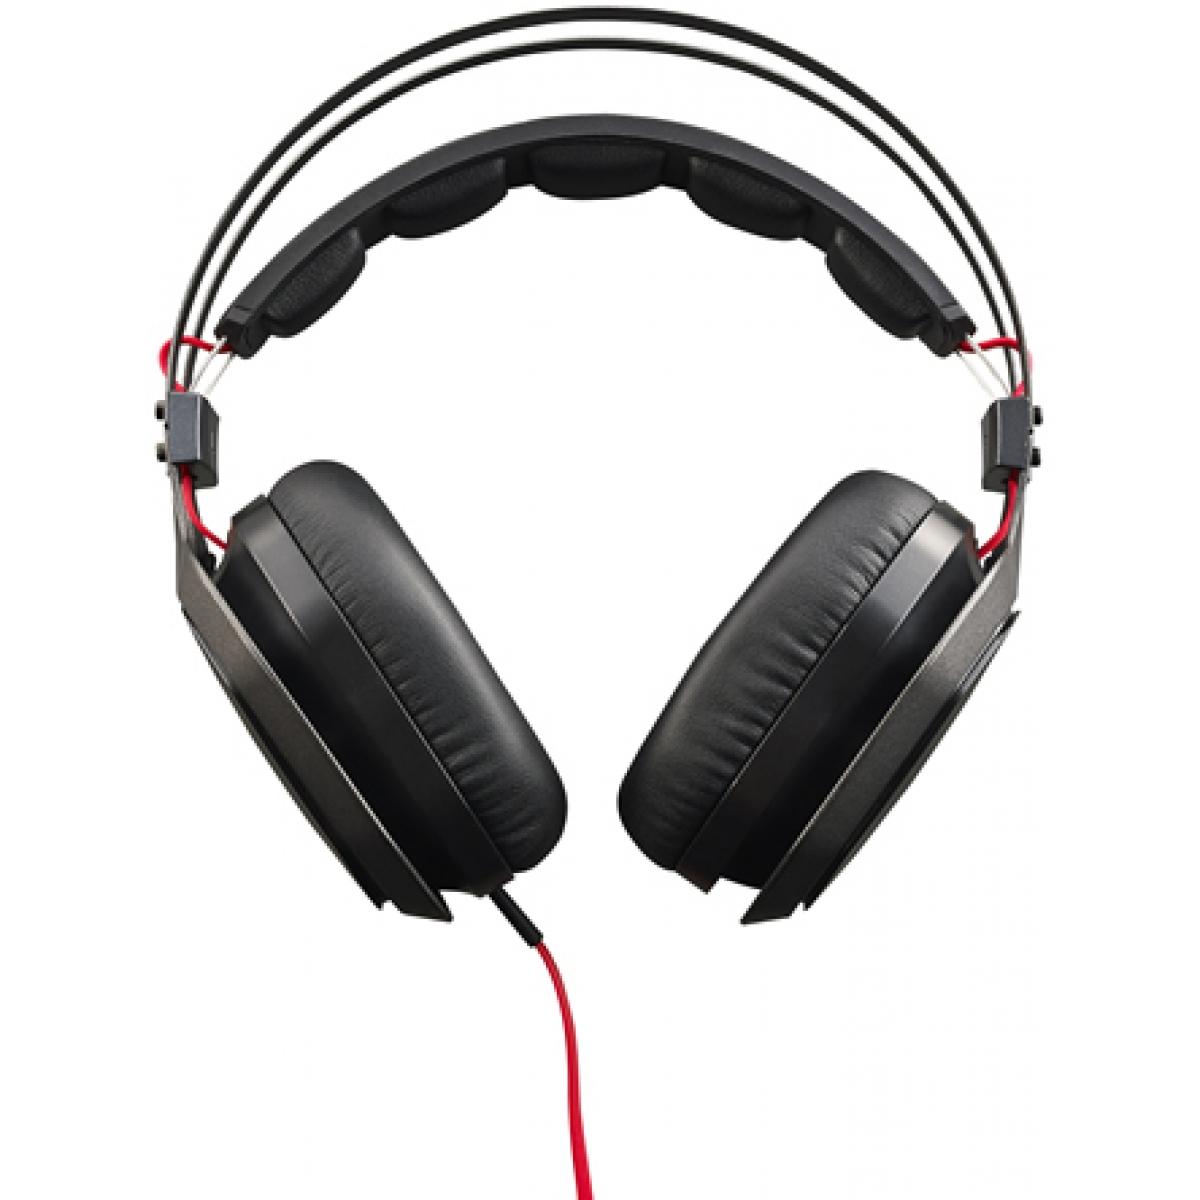 Headset Gamer Cooler Master Masterpulse Stereo SGH-4700-KKTA1